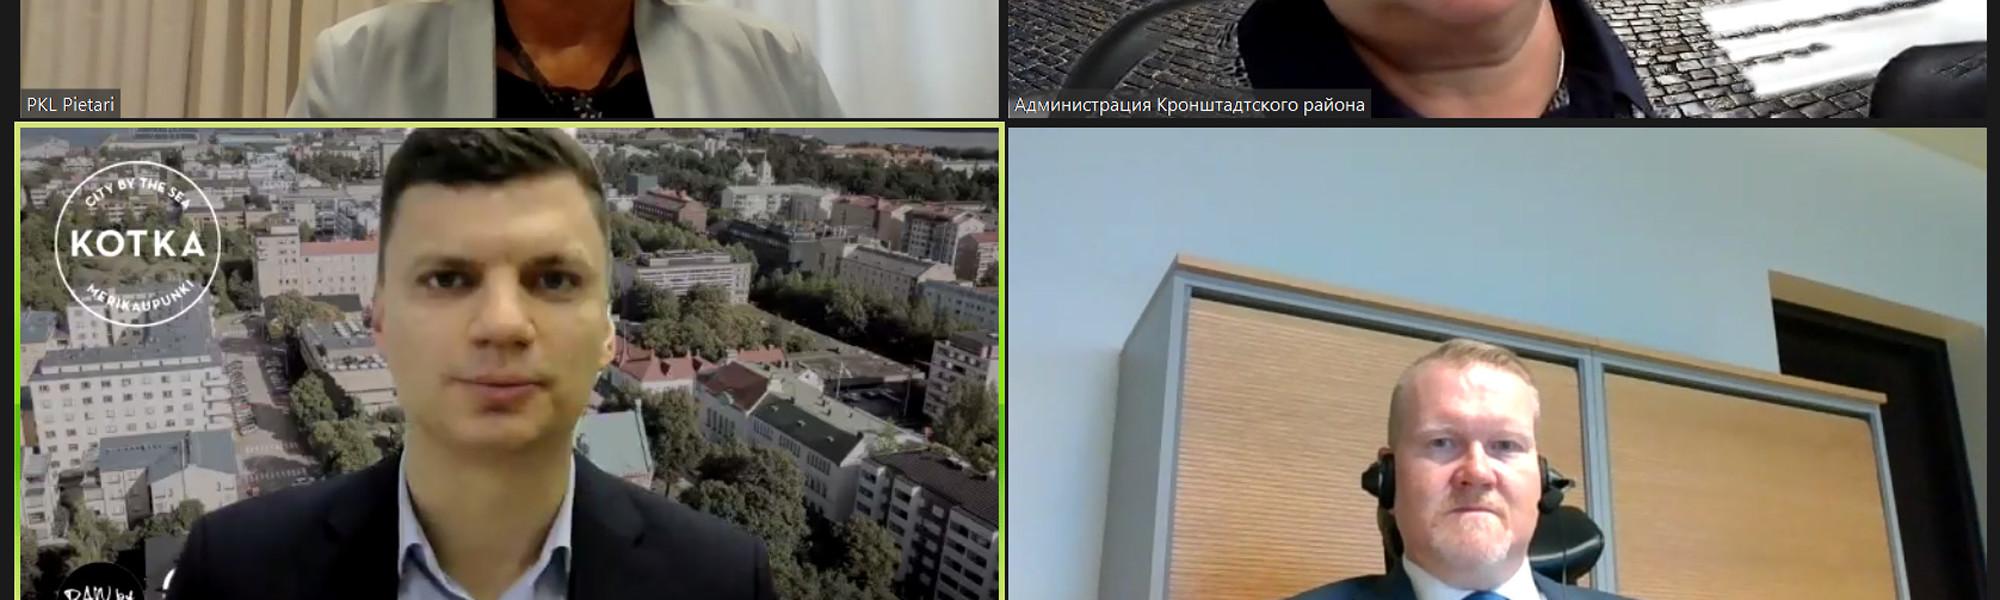 Kotka-päivä Pietarissa verkkokokous